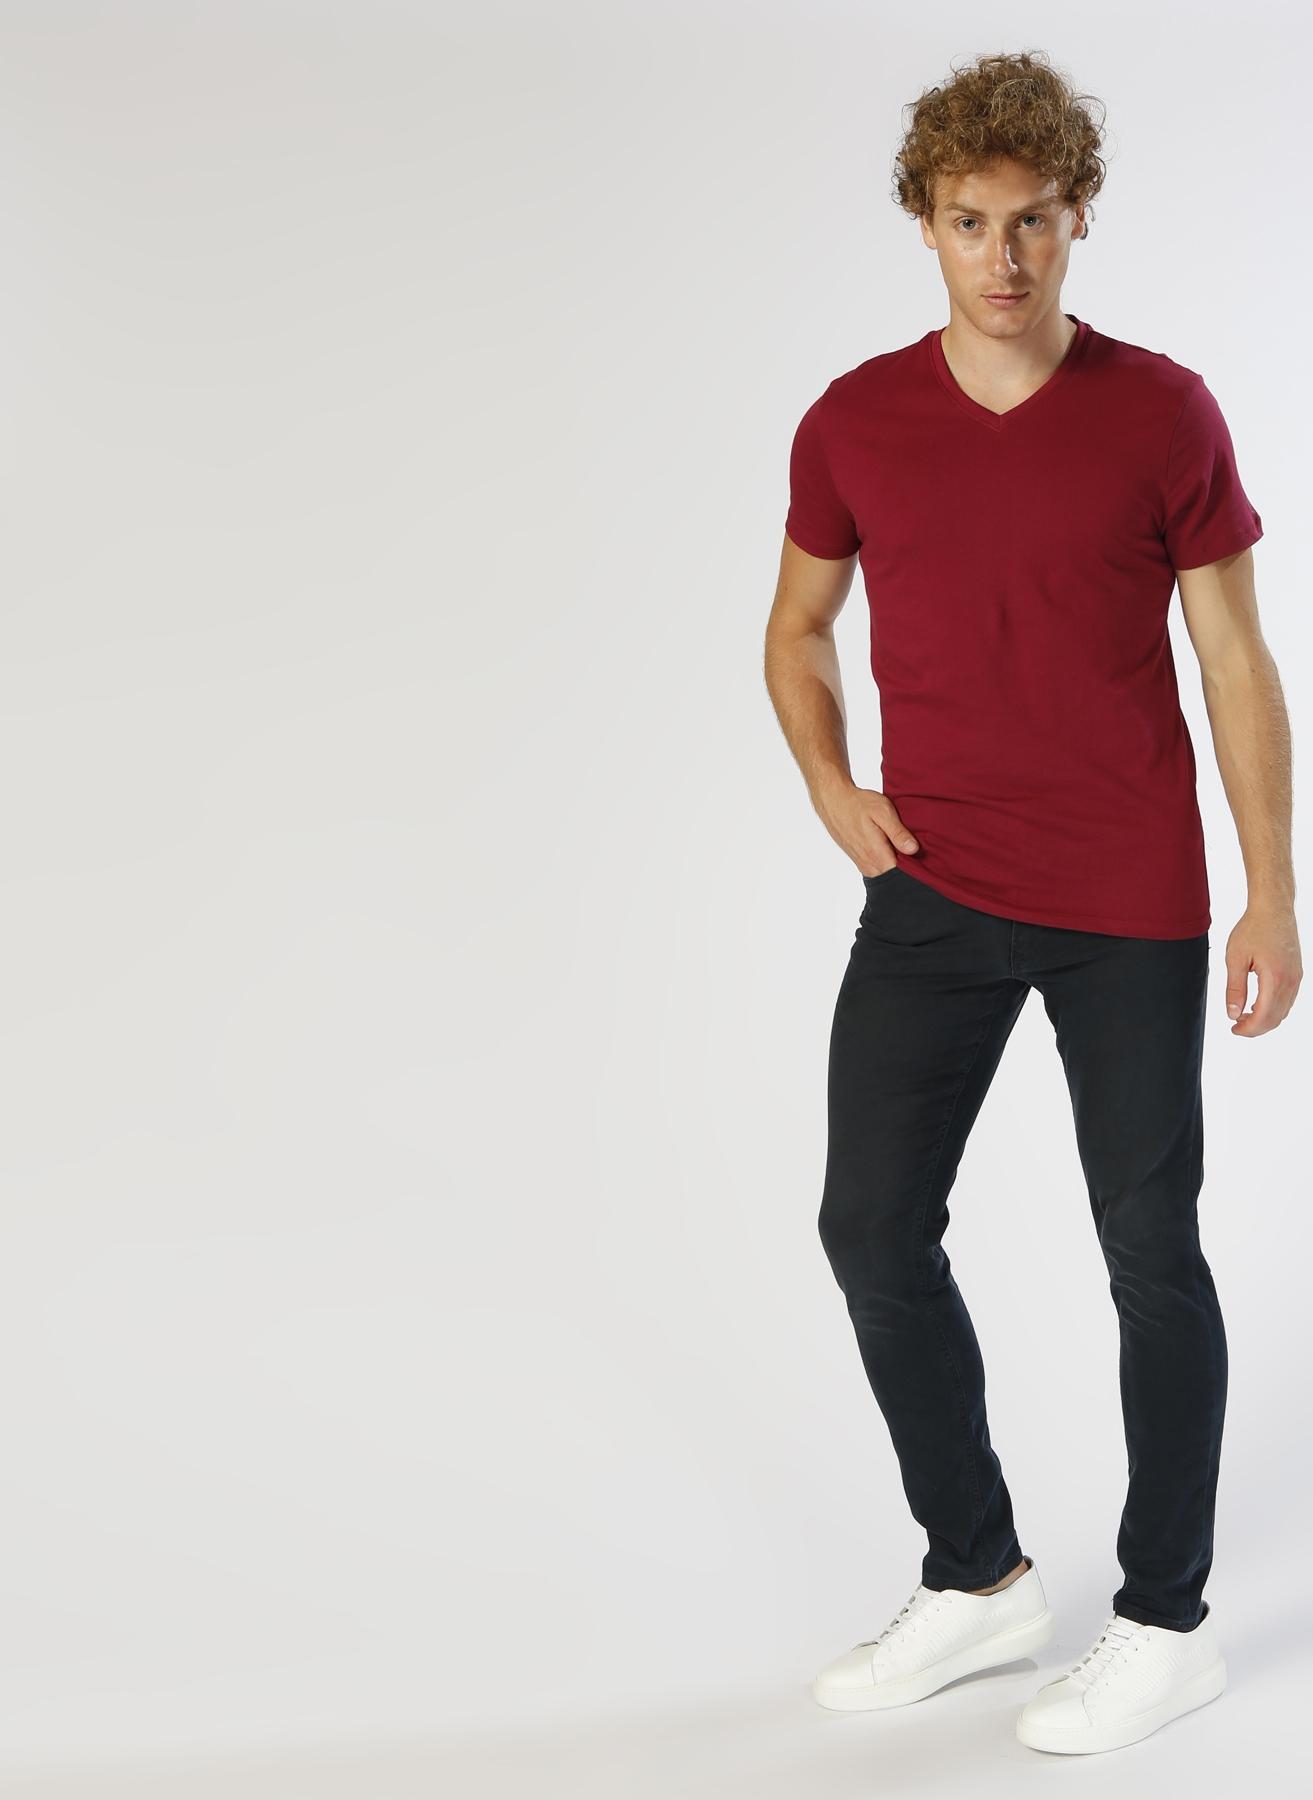 Loft Lacivert Klasik Pantolon 32-30 5000387905007 Ürün Resmi